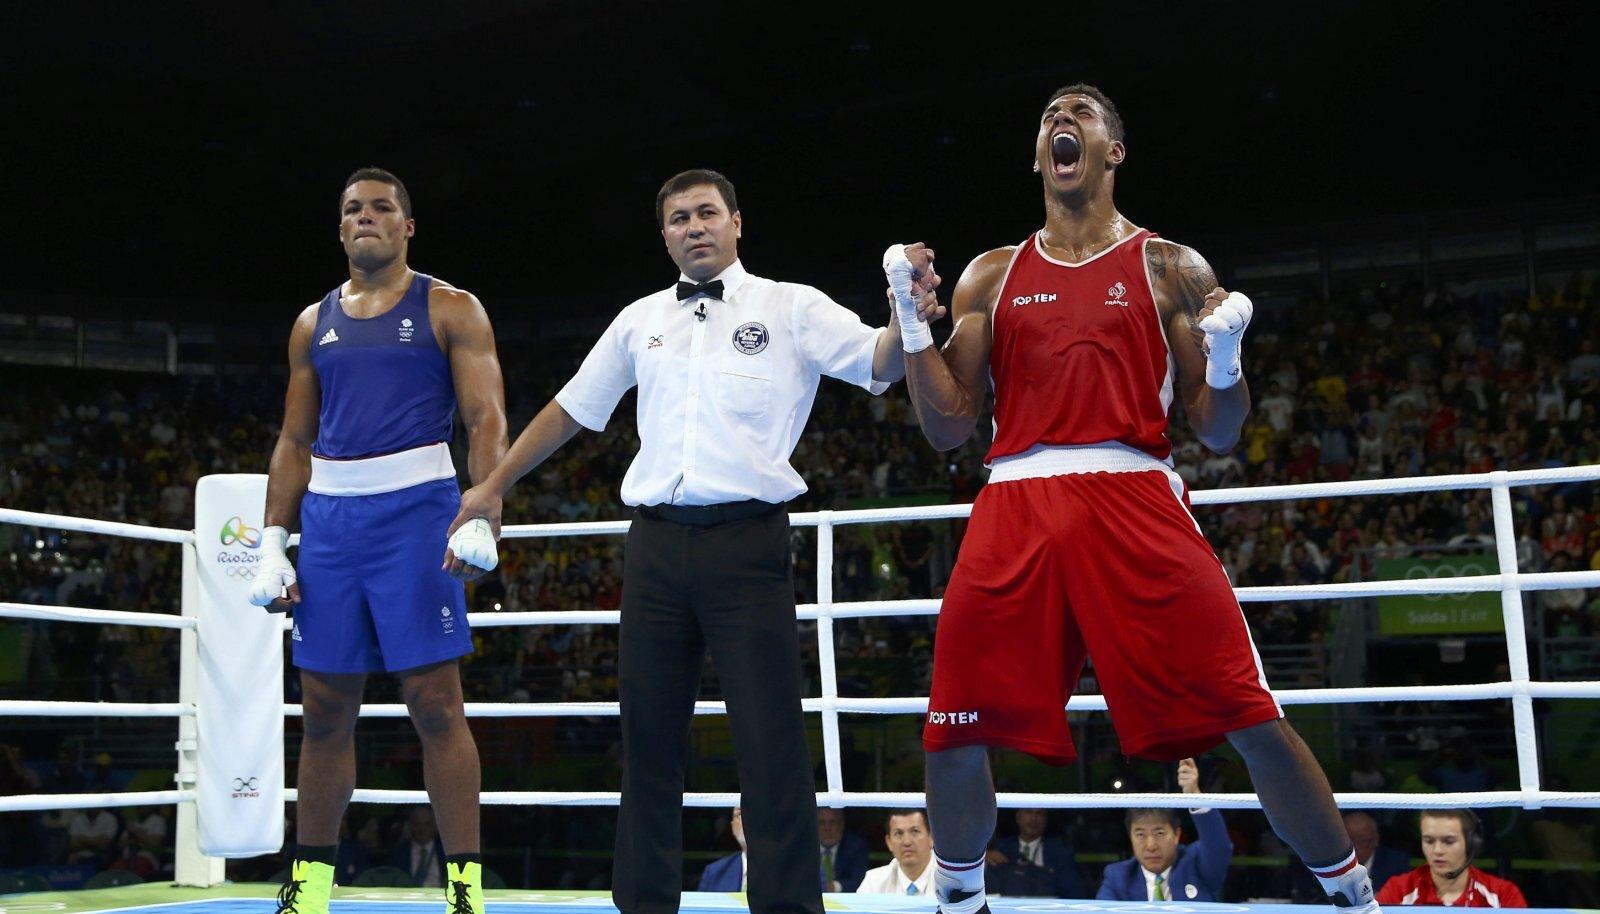 Rio olümpia üliraskekaalu finaal: Tony Yoka tunnistati võitjaks Joseph Joyce'i vastu.